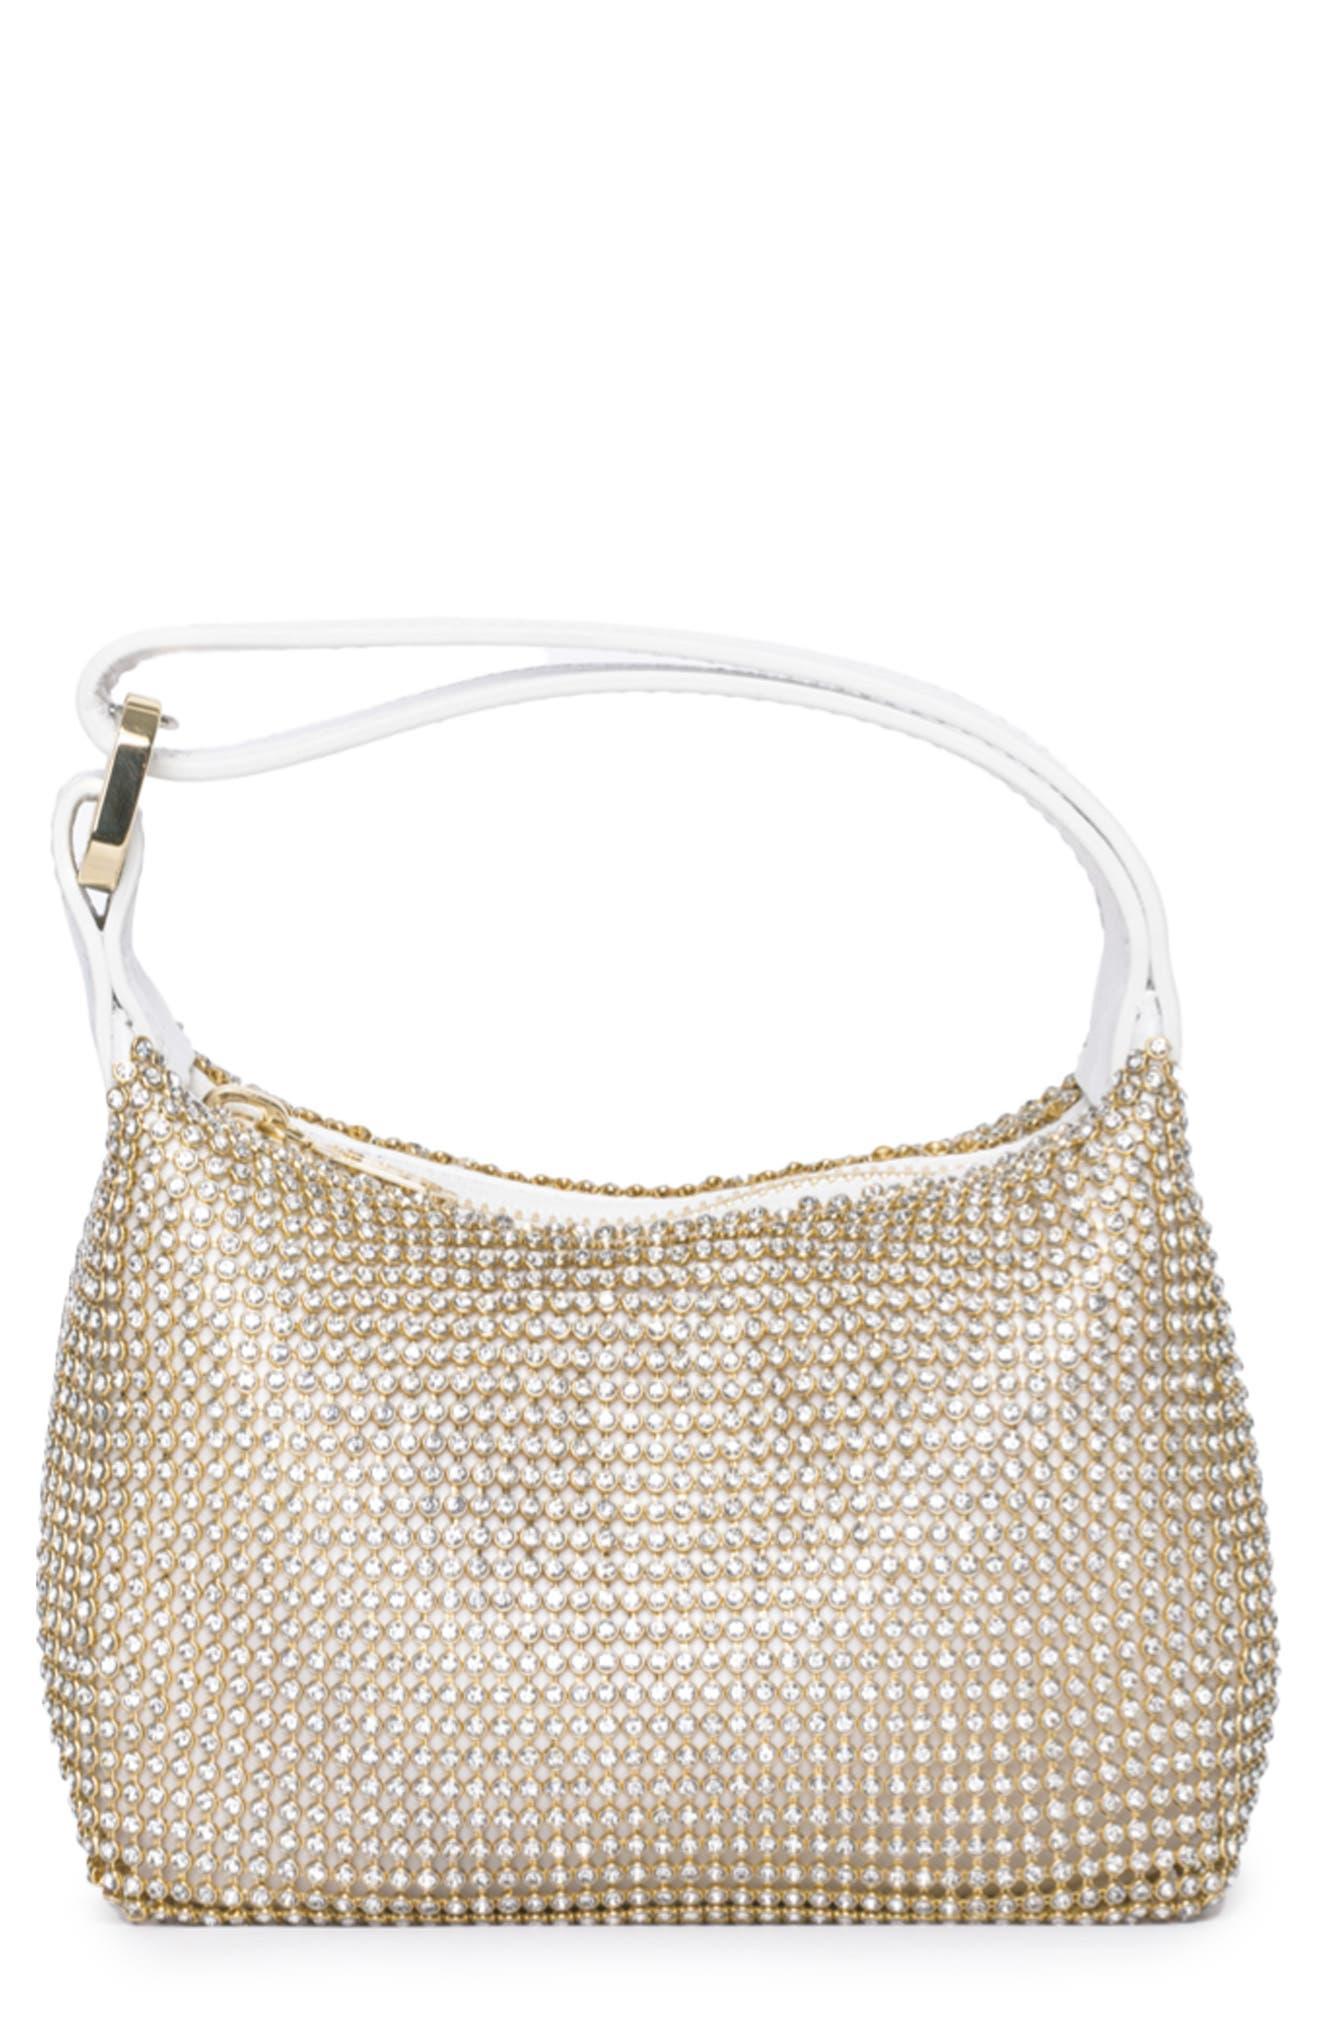 Eera Mini Moonbag Crystal Mesh & Leather Handbag